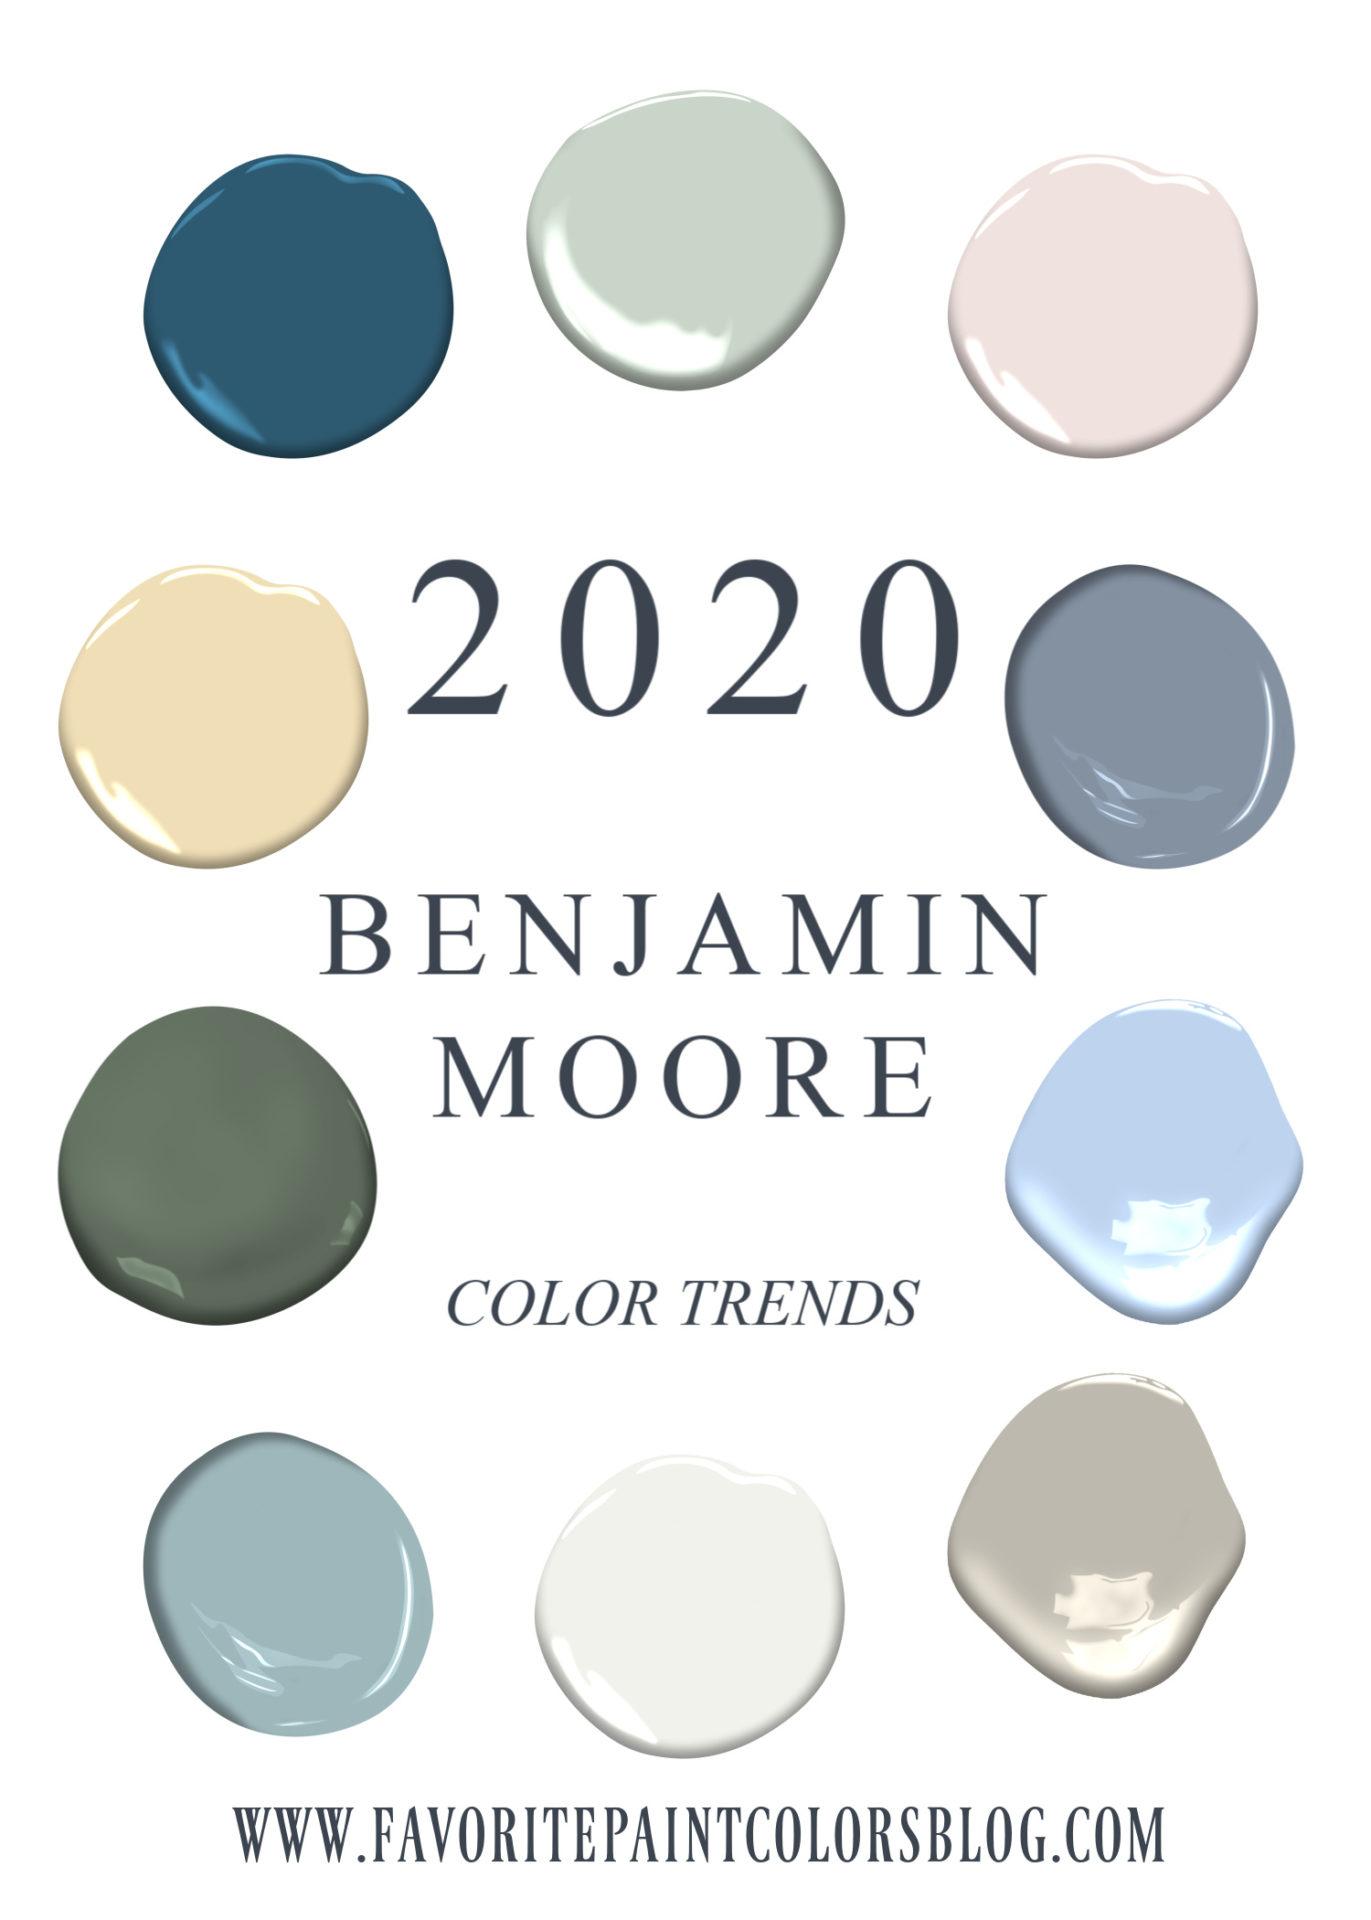 2020 Benjamin Moore Color Trends